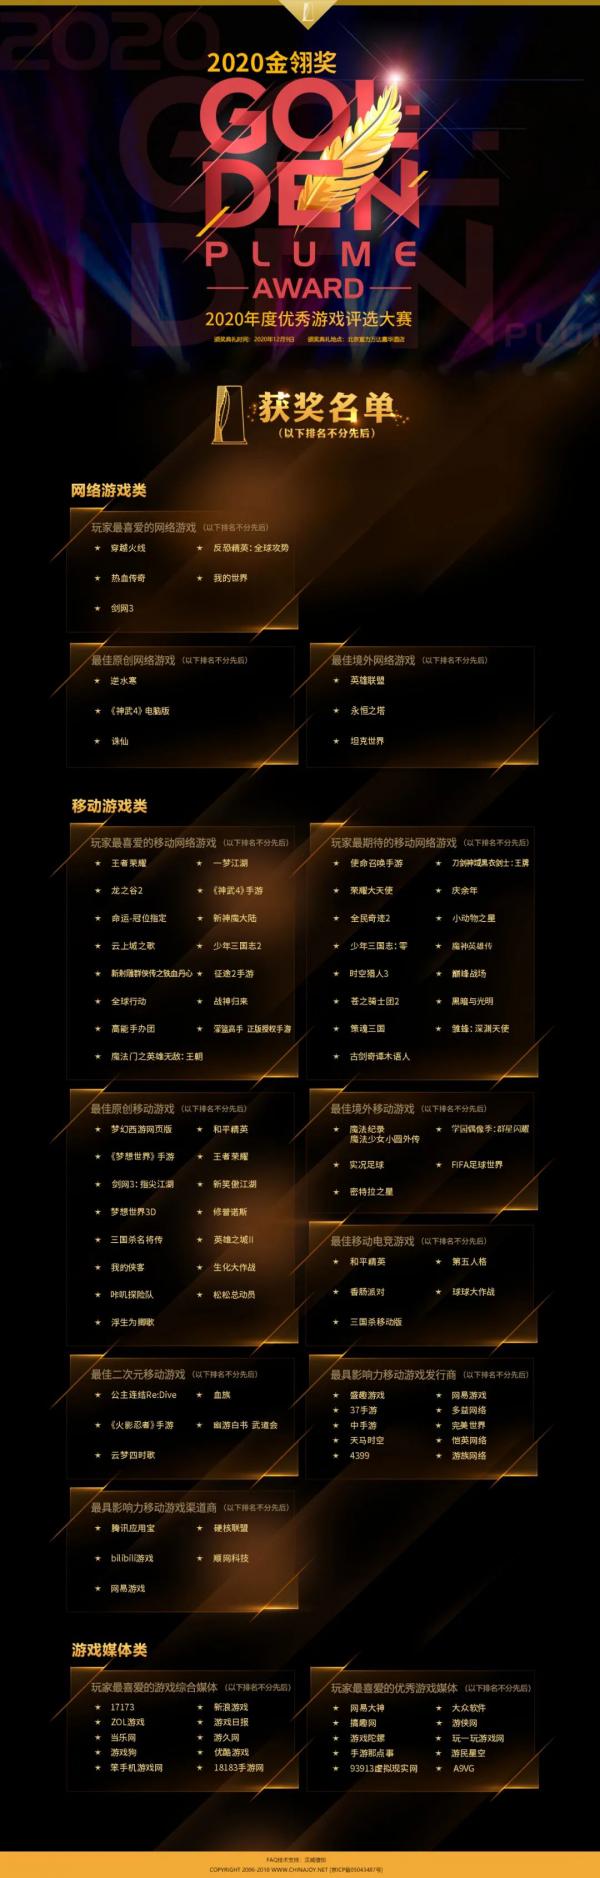 2020年金翎奖名单